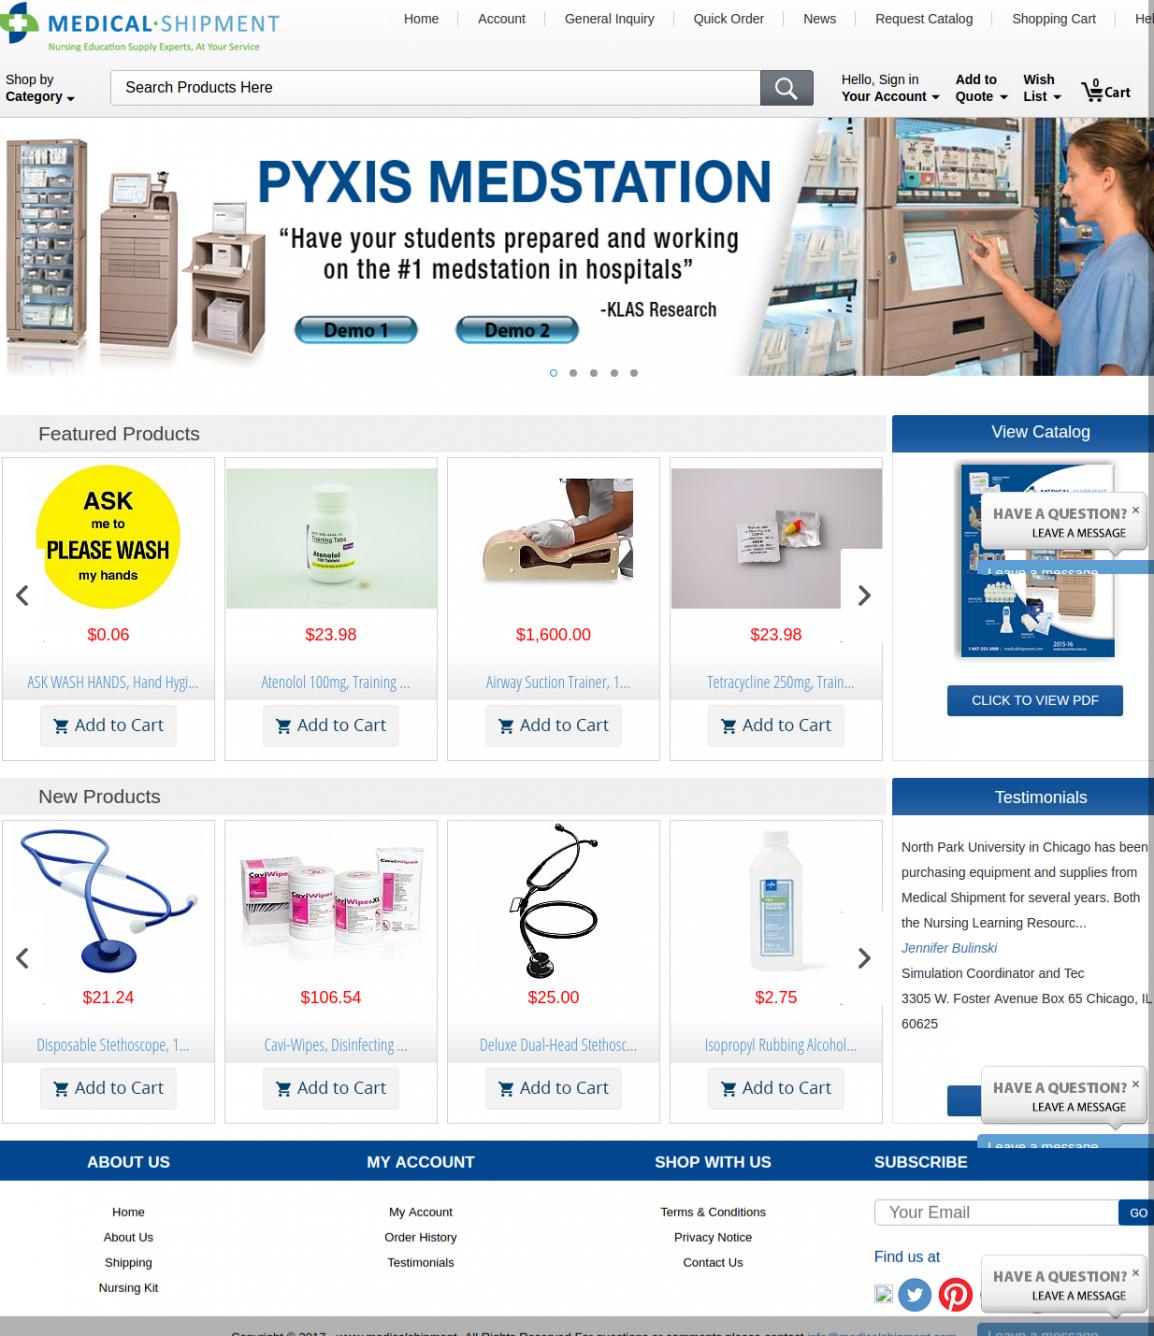 Medical Shipment - Website Management Services